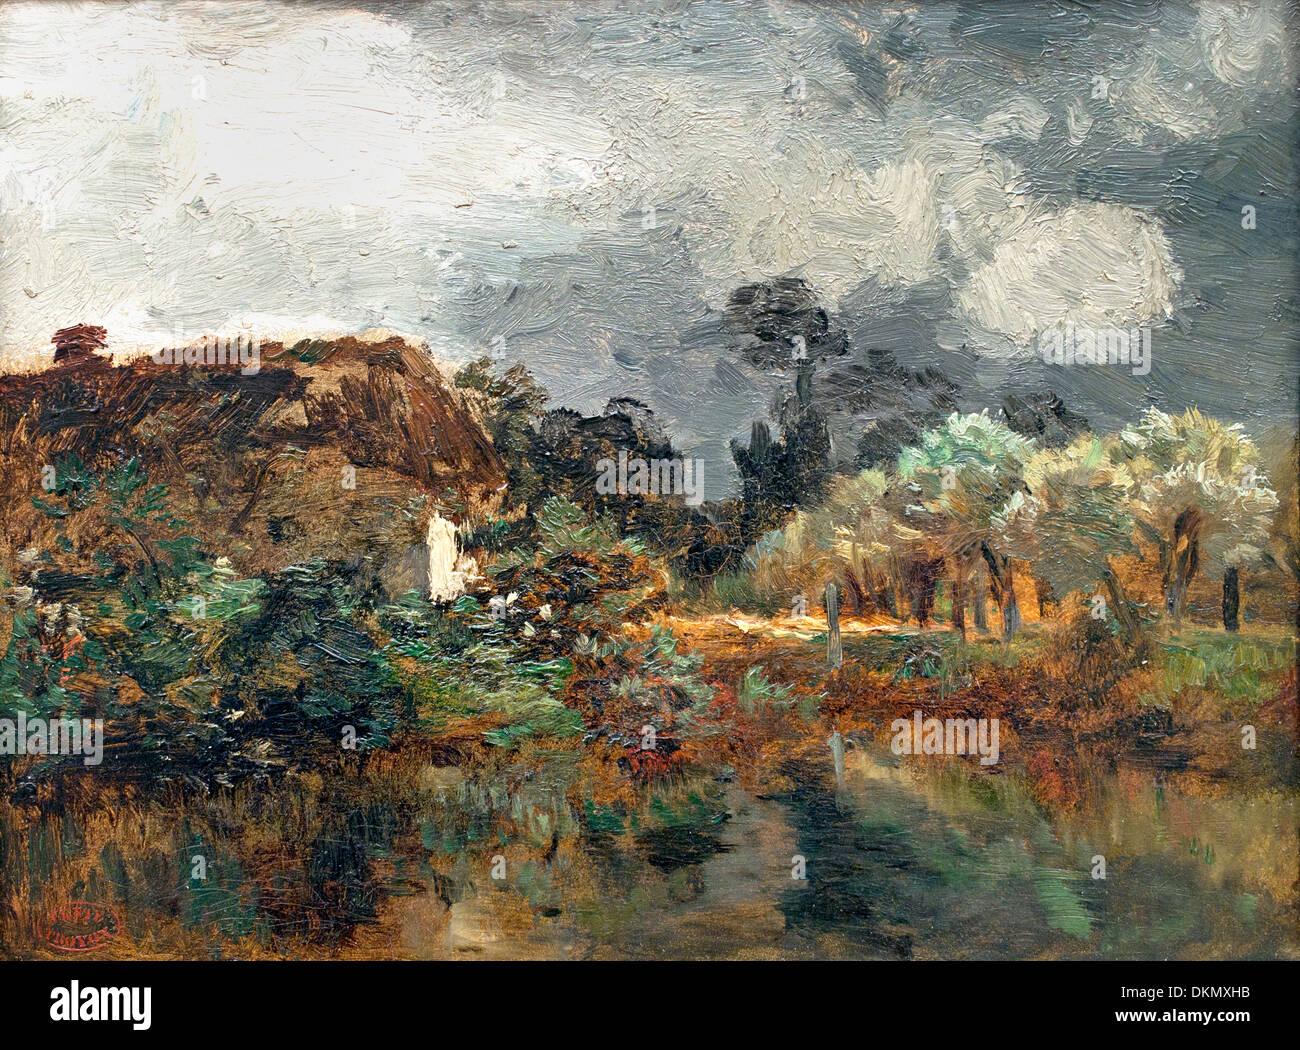 Estudio del paisaje 1860 Constant Troyon 1810 - 1865 Francia Imagen De Stock